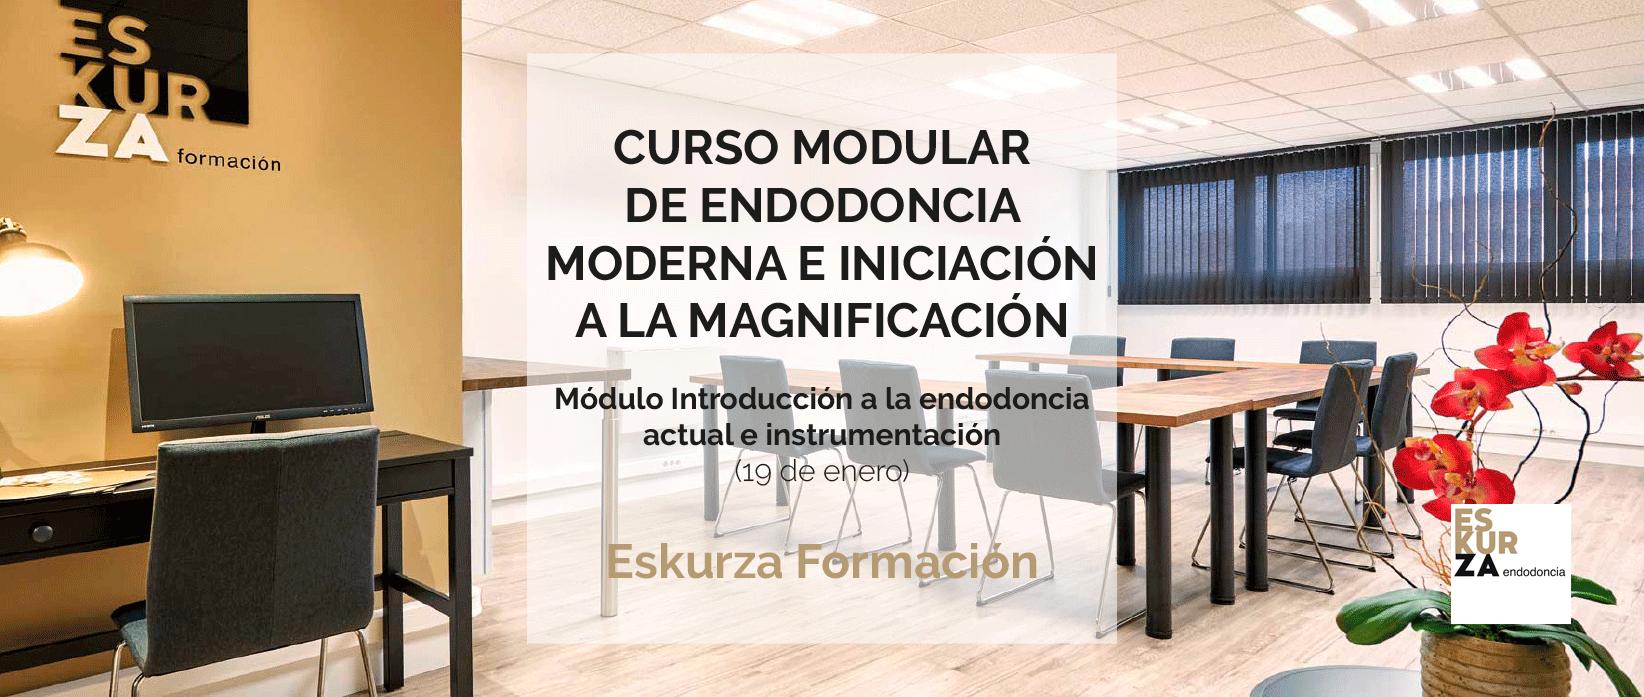 CURSO MODULAR DE ENDODONCIA MODERNA E INICIACIÓN A LA MAGNIFICACIÓN DE ESKURZA FORMACIÓN